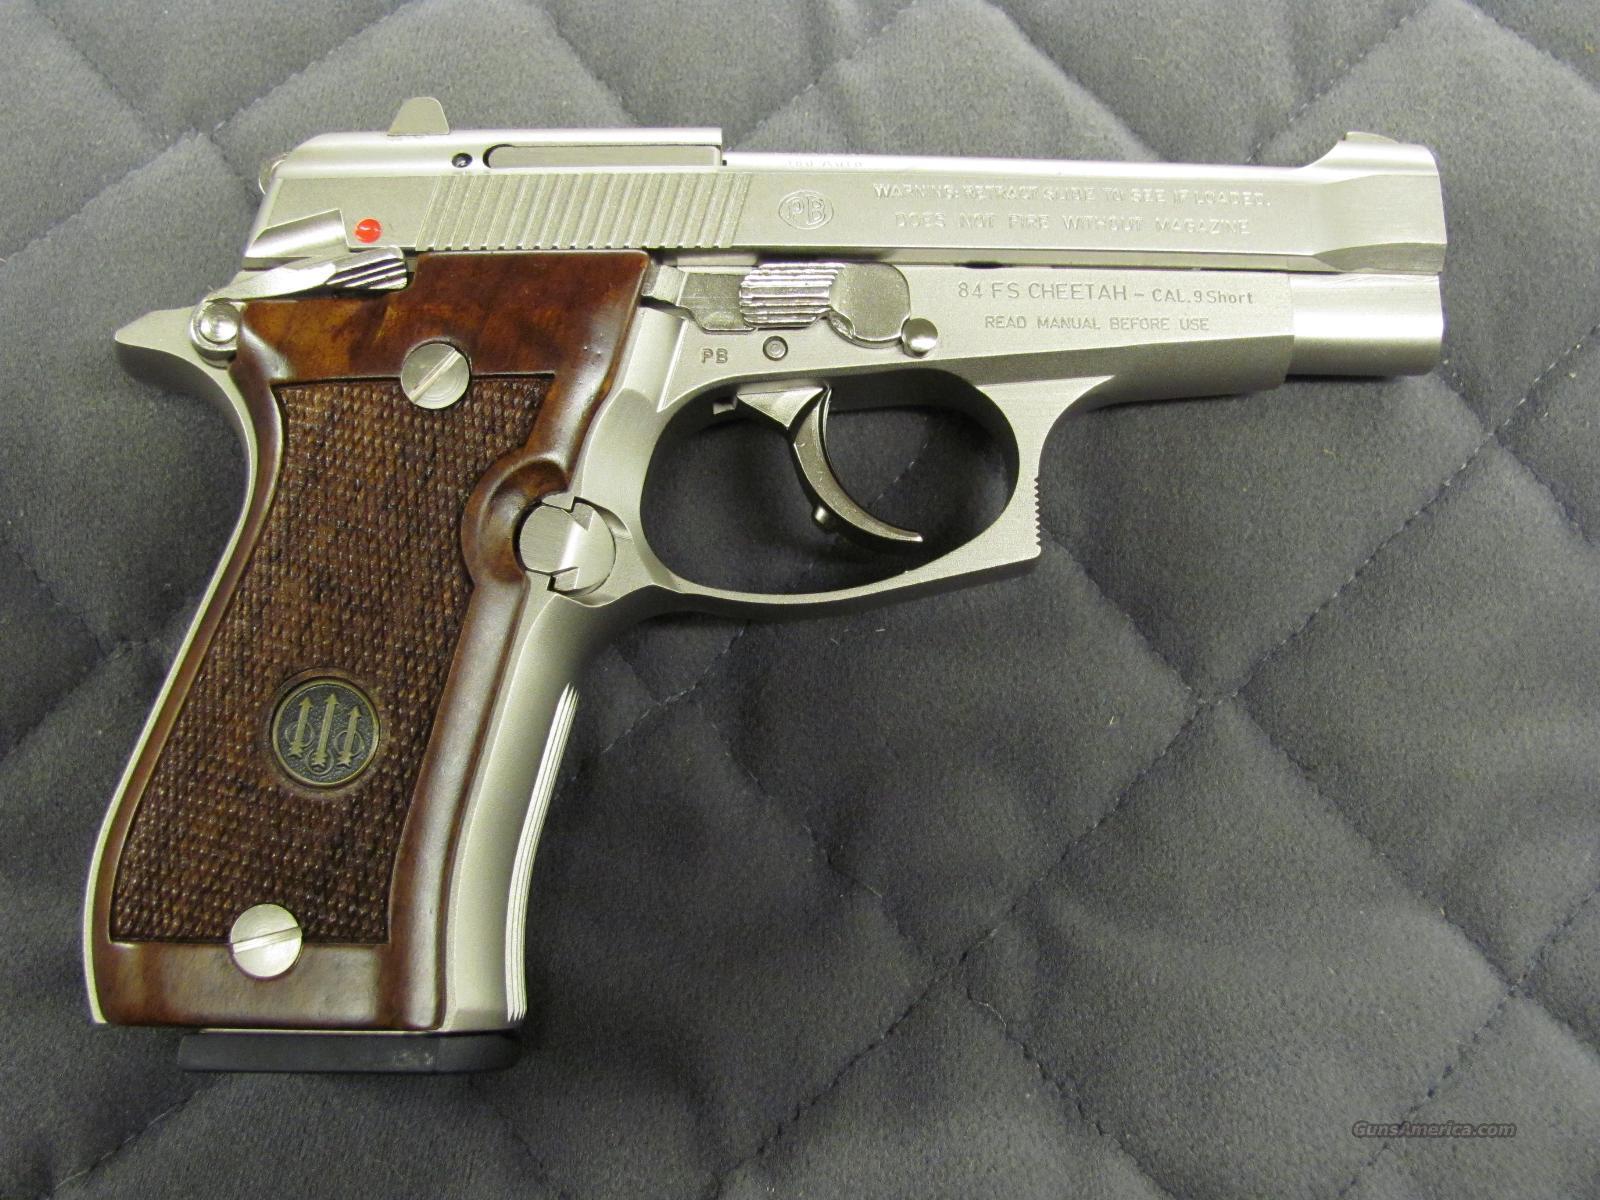 Beretta 84FS Cheetah 380 Auto Nickel J84F212 *... for sale